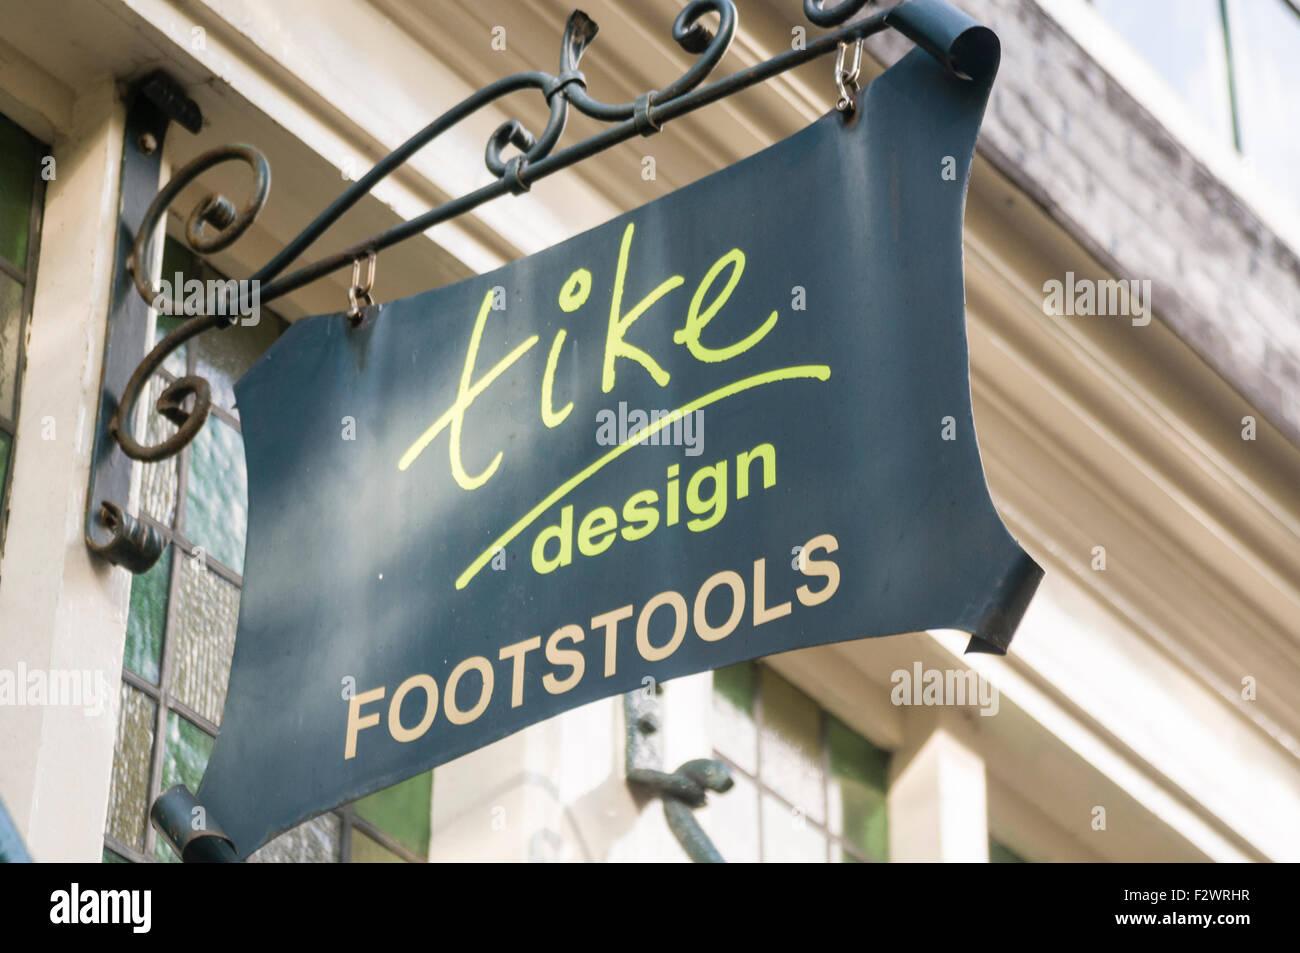 Sign for Tike Design, maker of designer footstools. - Stock Image